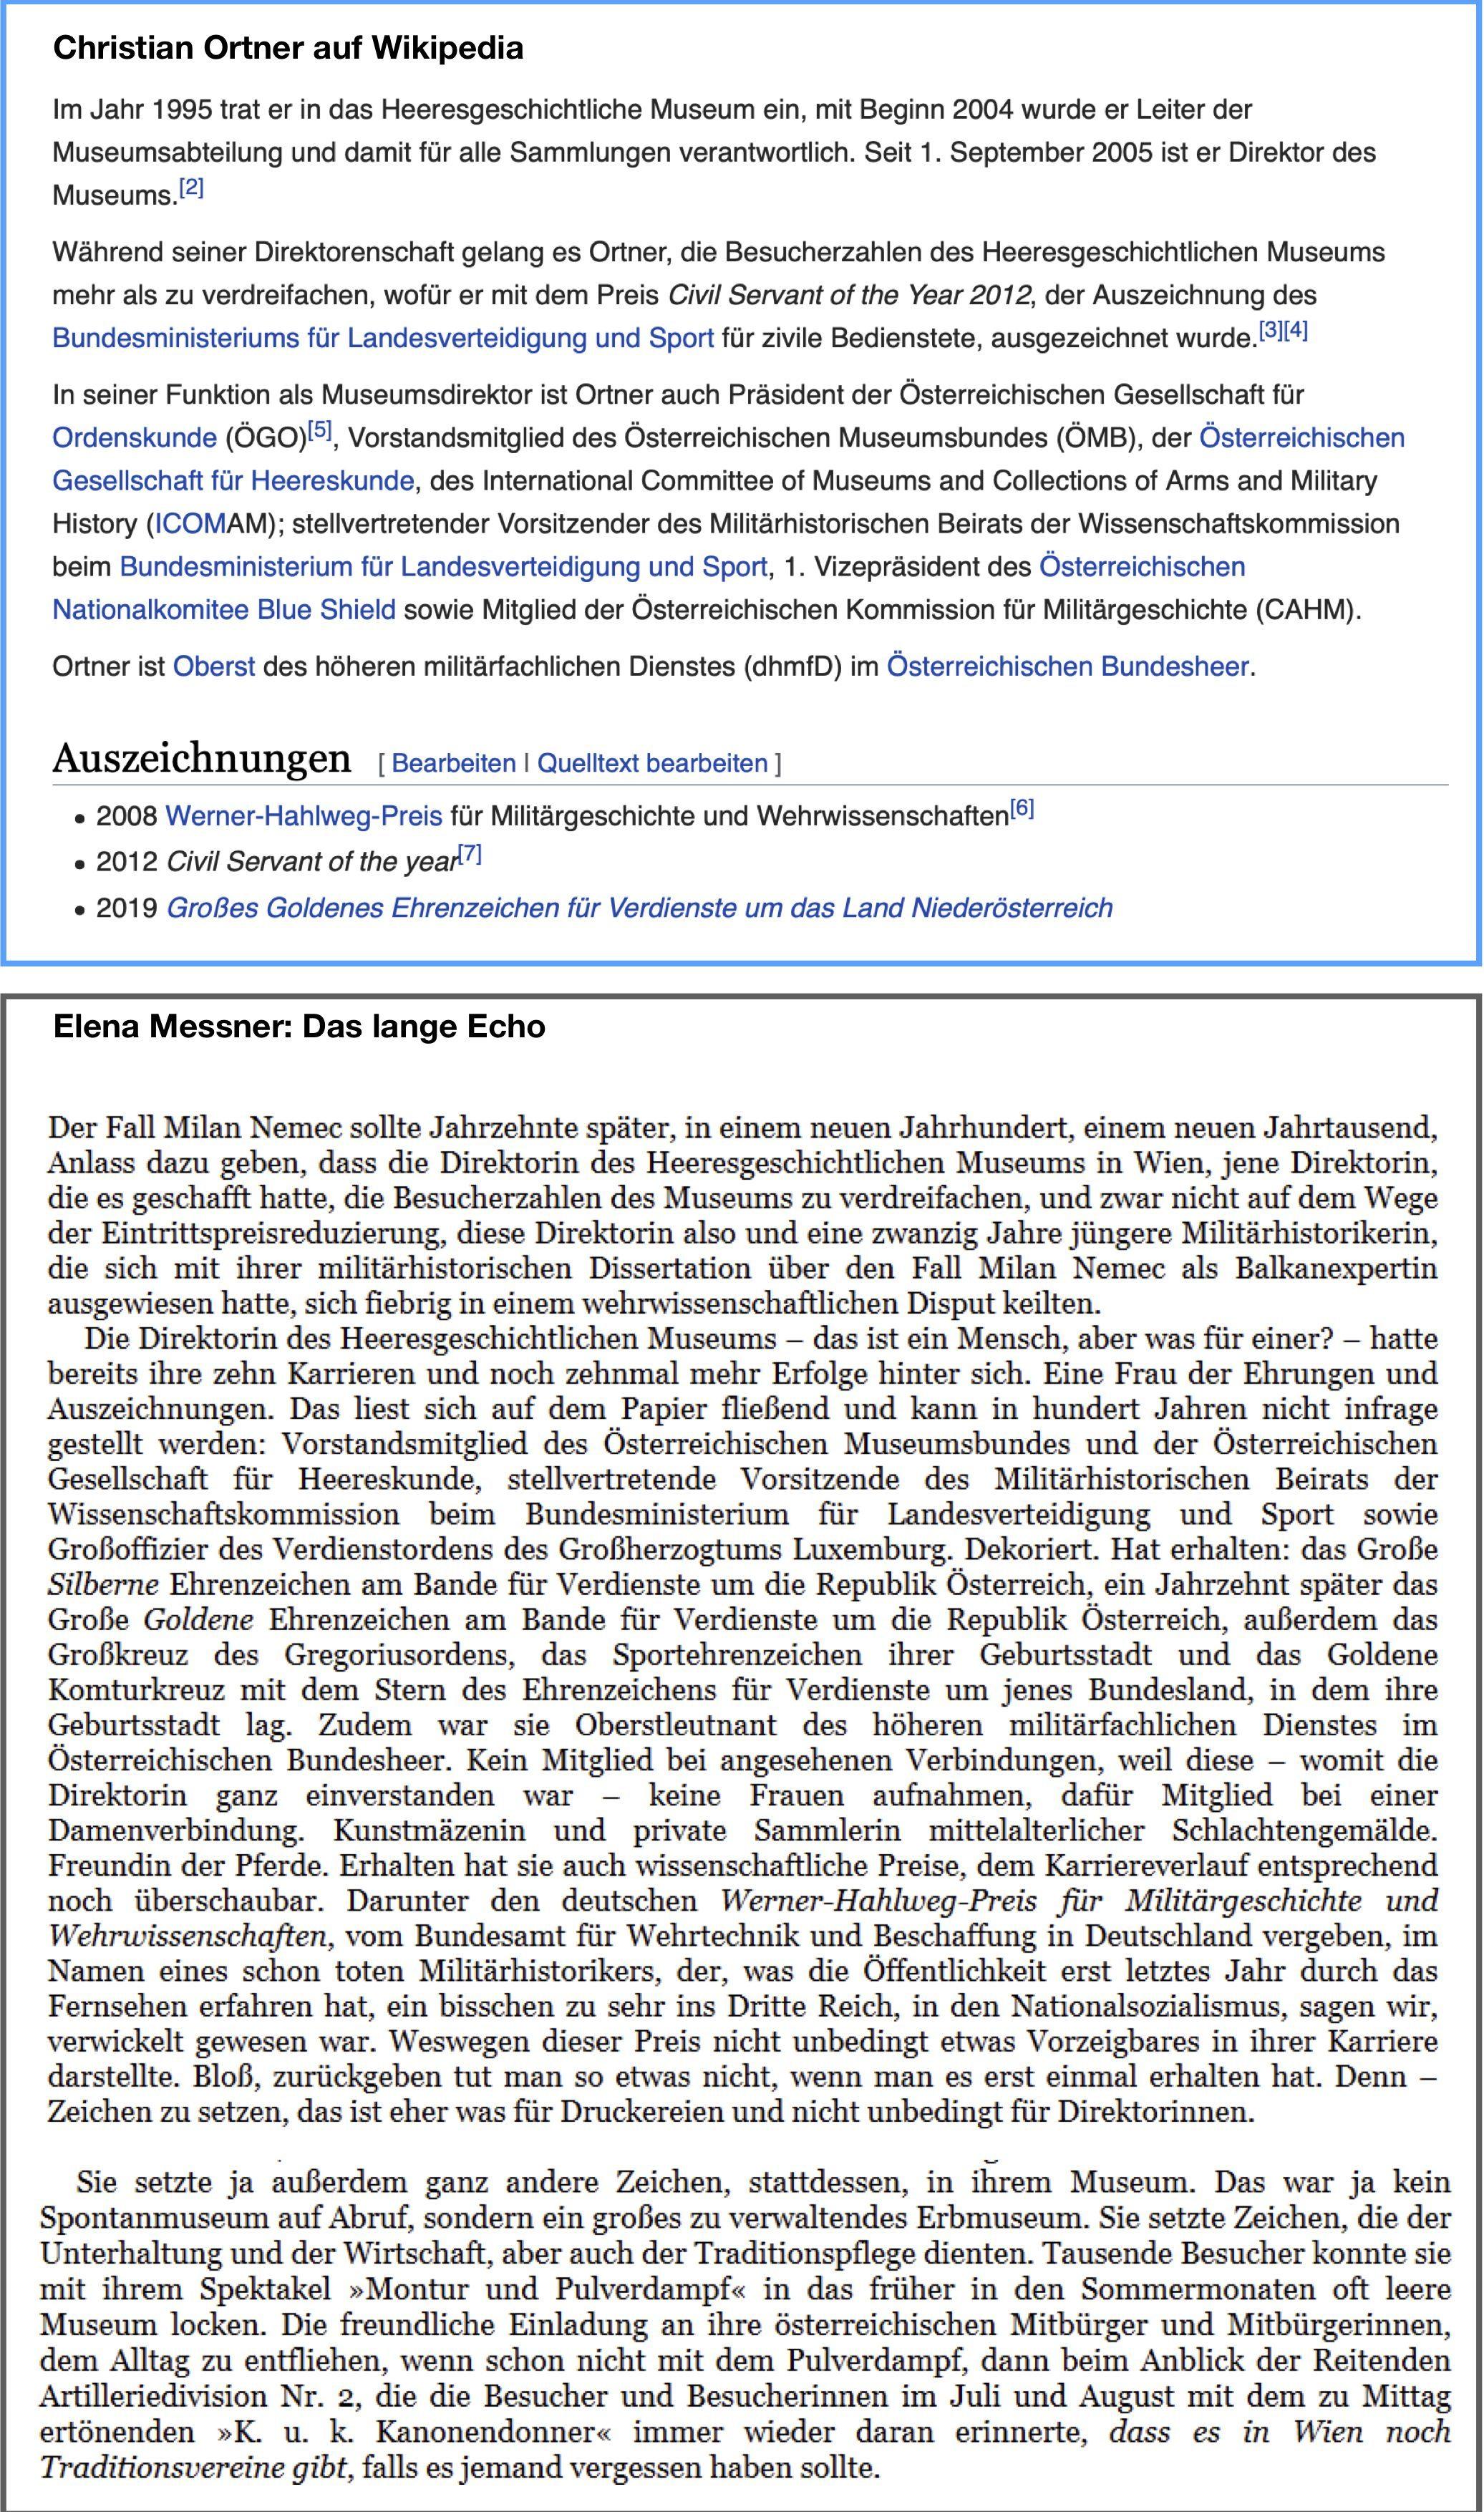 Museumsdir. Ortner im Wikipedia-Eintrag und Ausschnitt Elena Messner, Das lange Echo